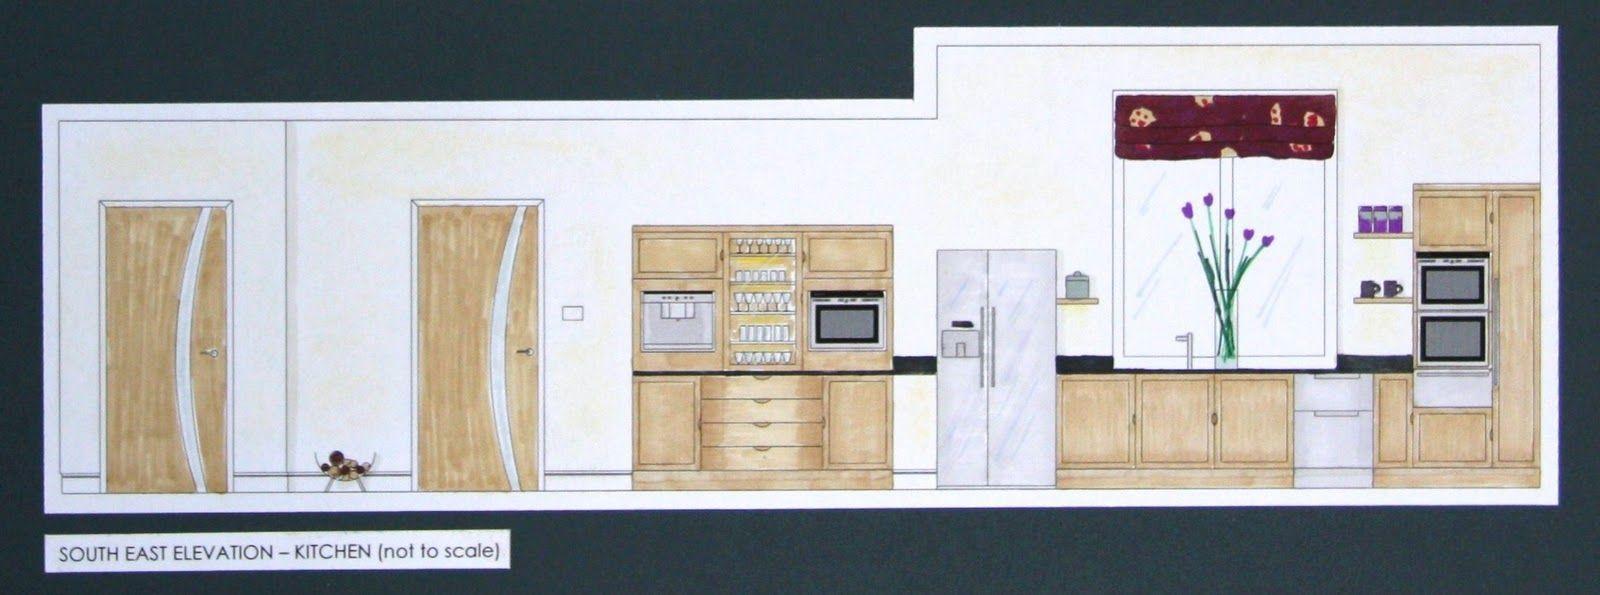 kitchen elevation rendering Kitchen elevation, Interior